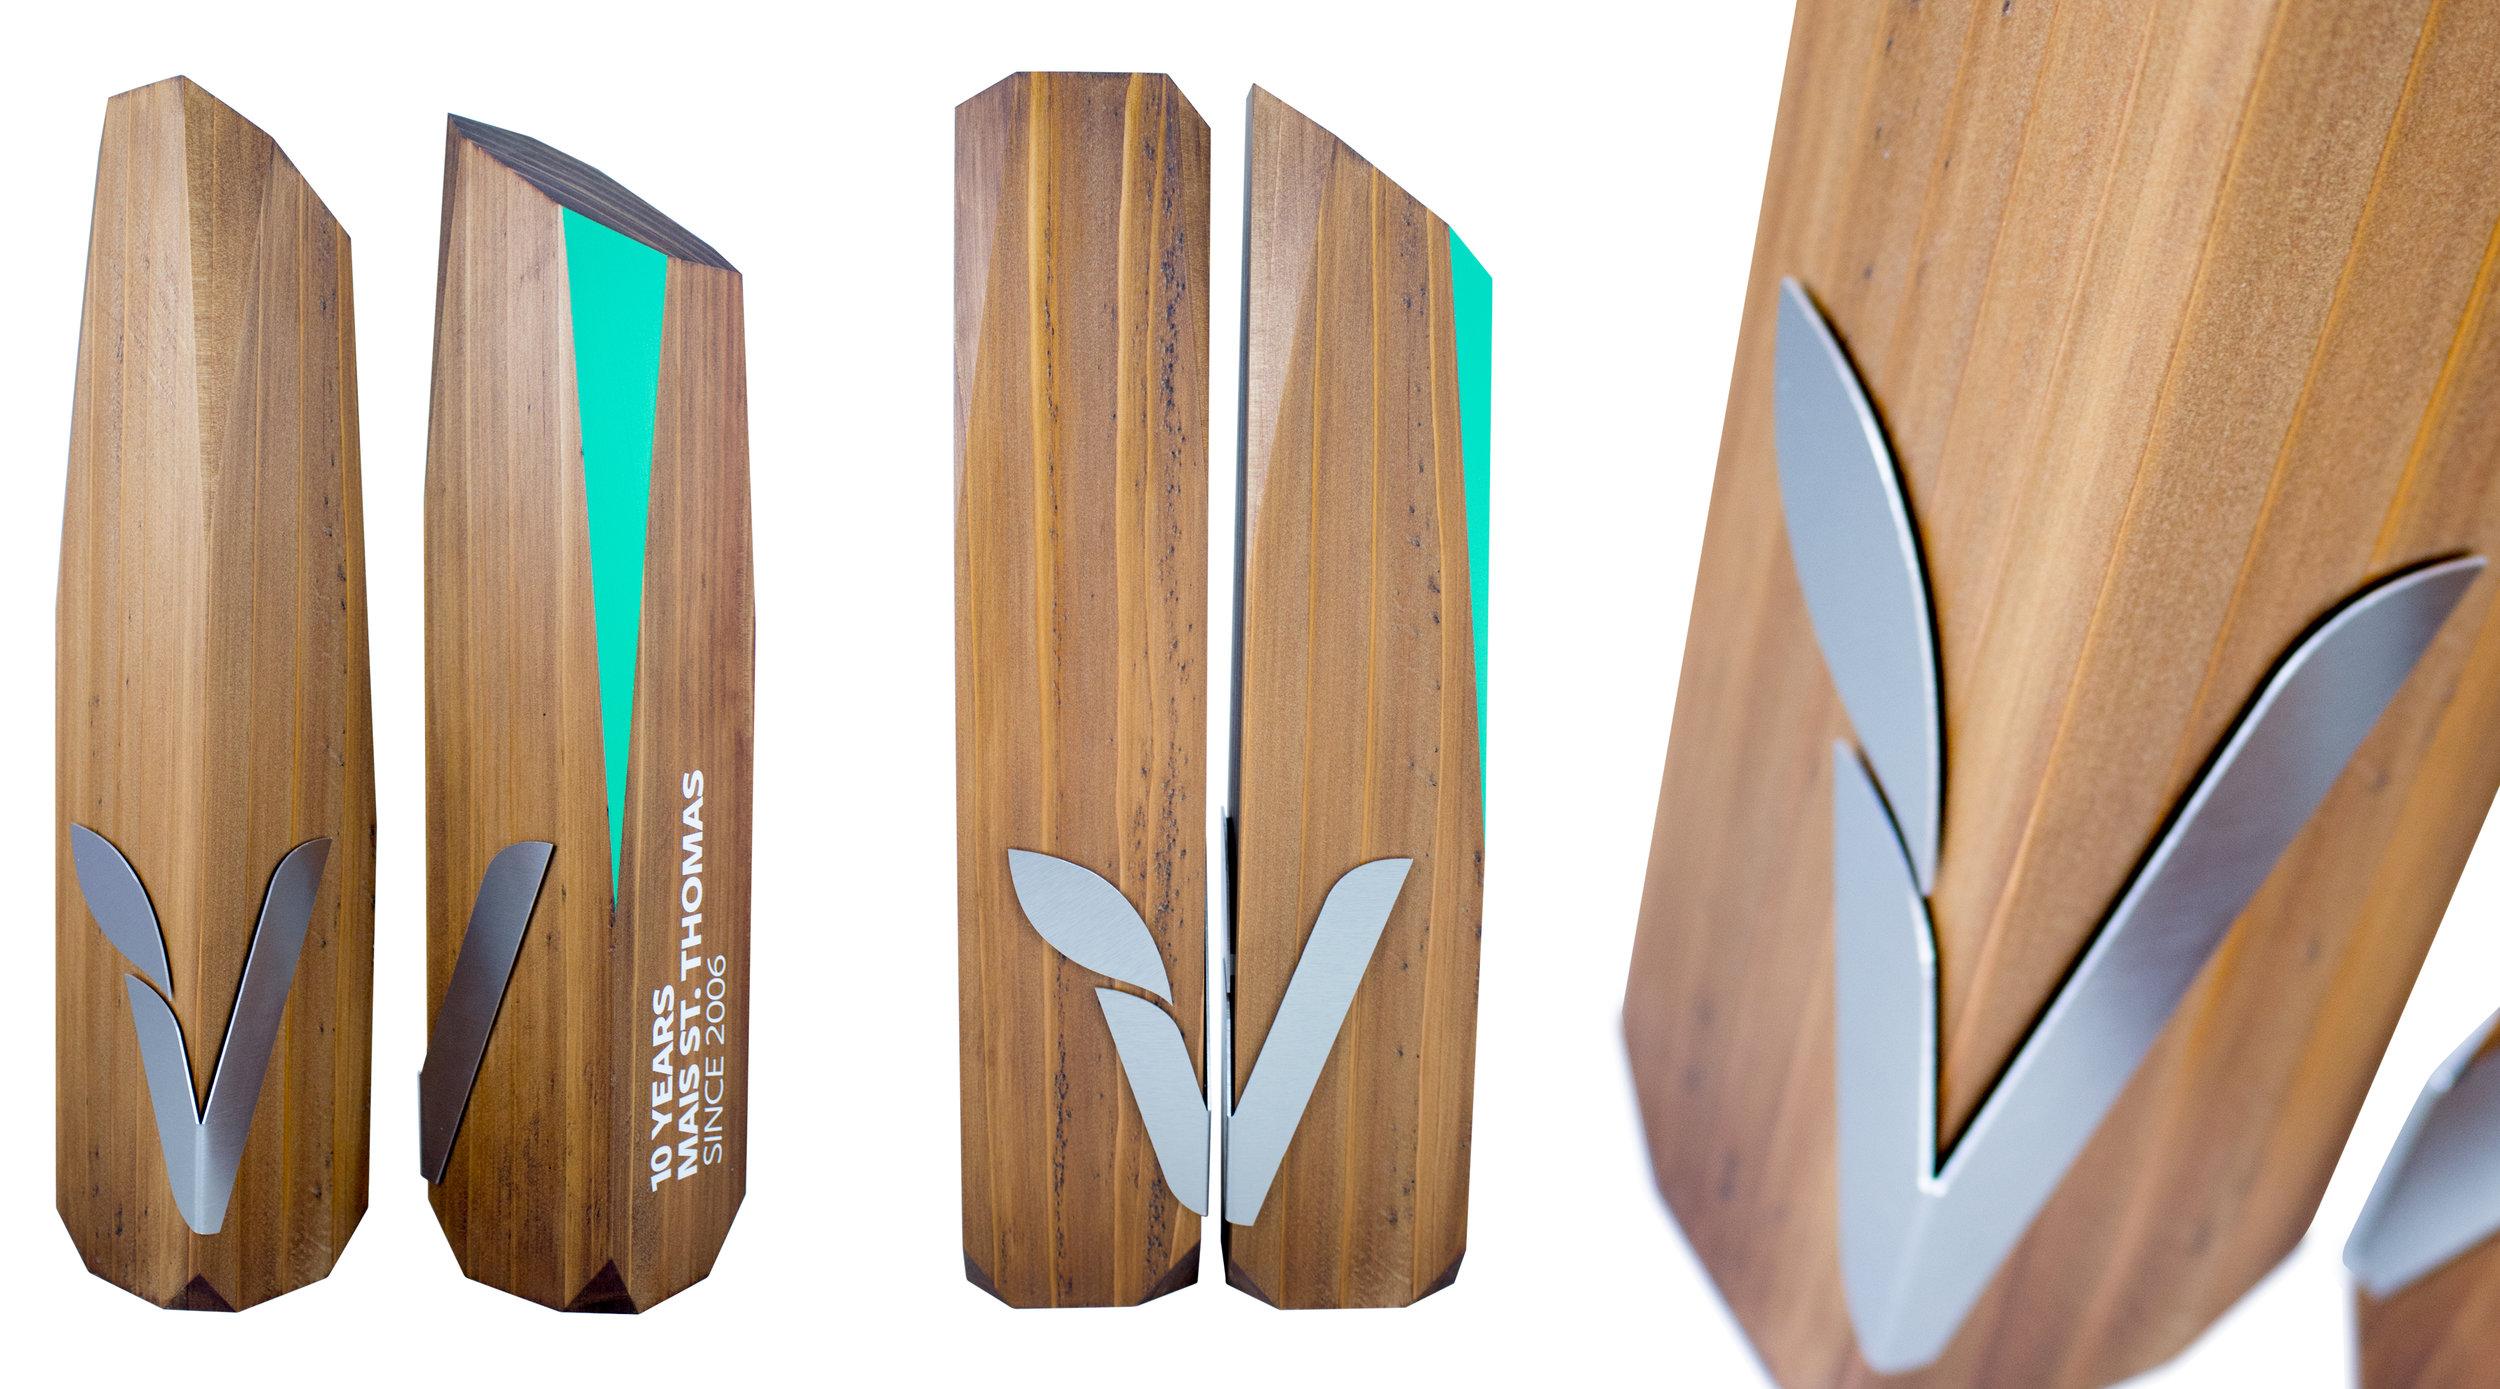 vega - custom cedar awards